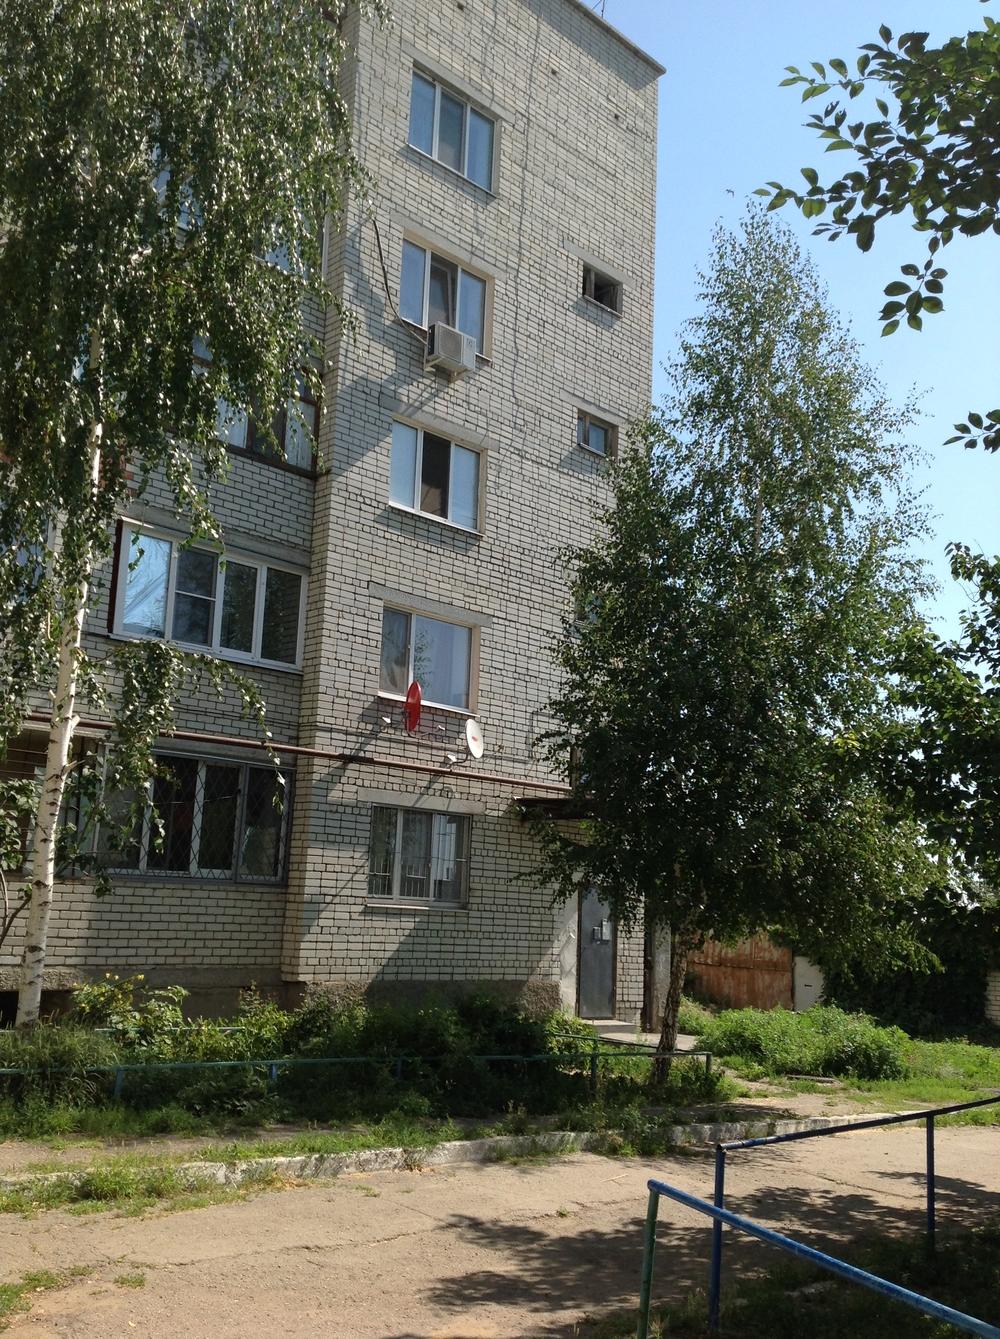 Продам 1-комнатную квартиру в городе Саратов, на улице Новая 9 Линия, 12, 5-этаж 5-этажного Кирпич дома, площадь: 34/14/8 м2